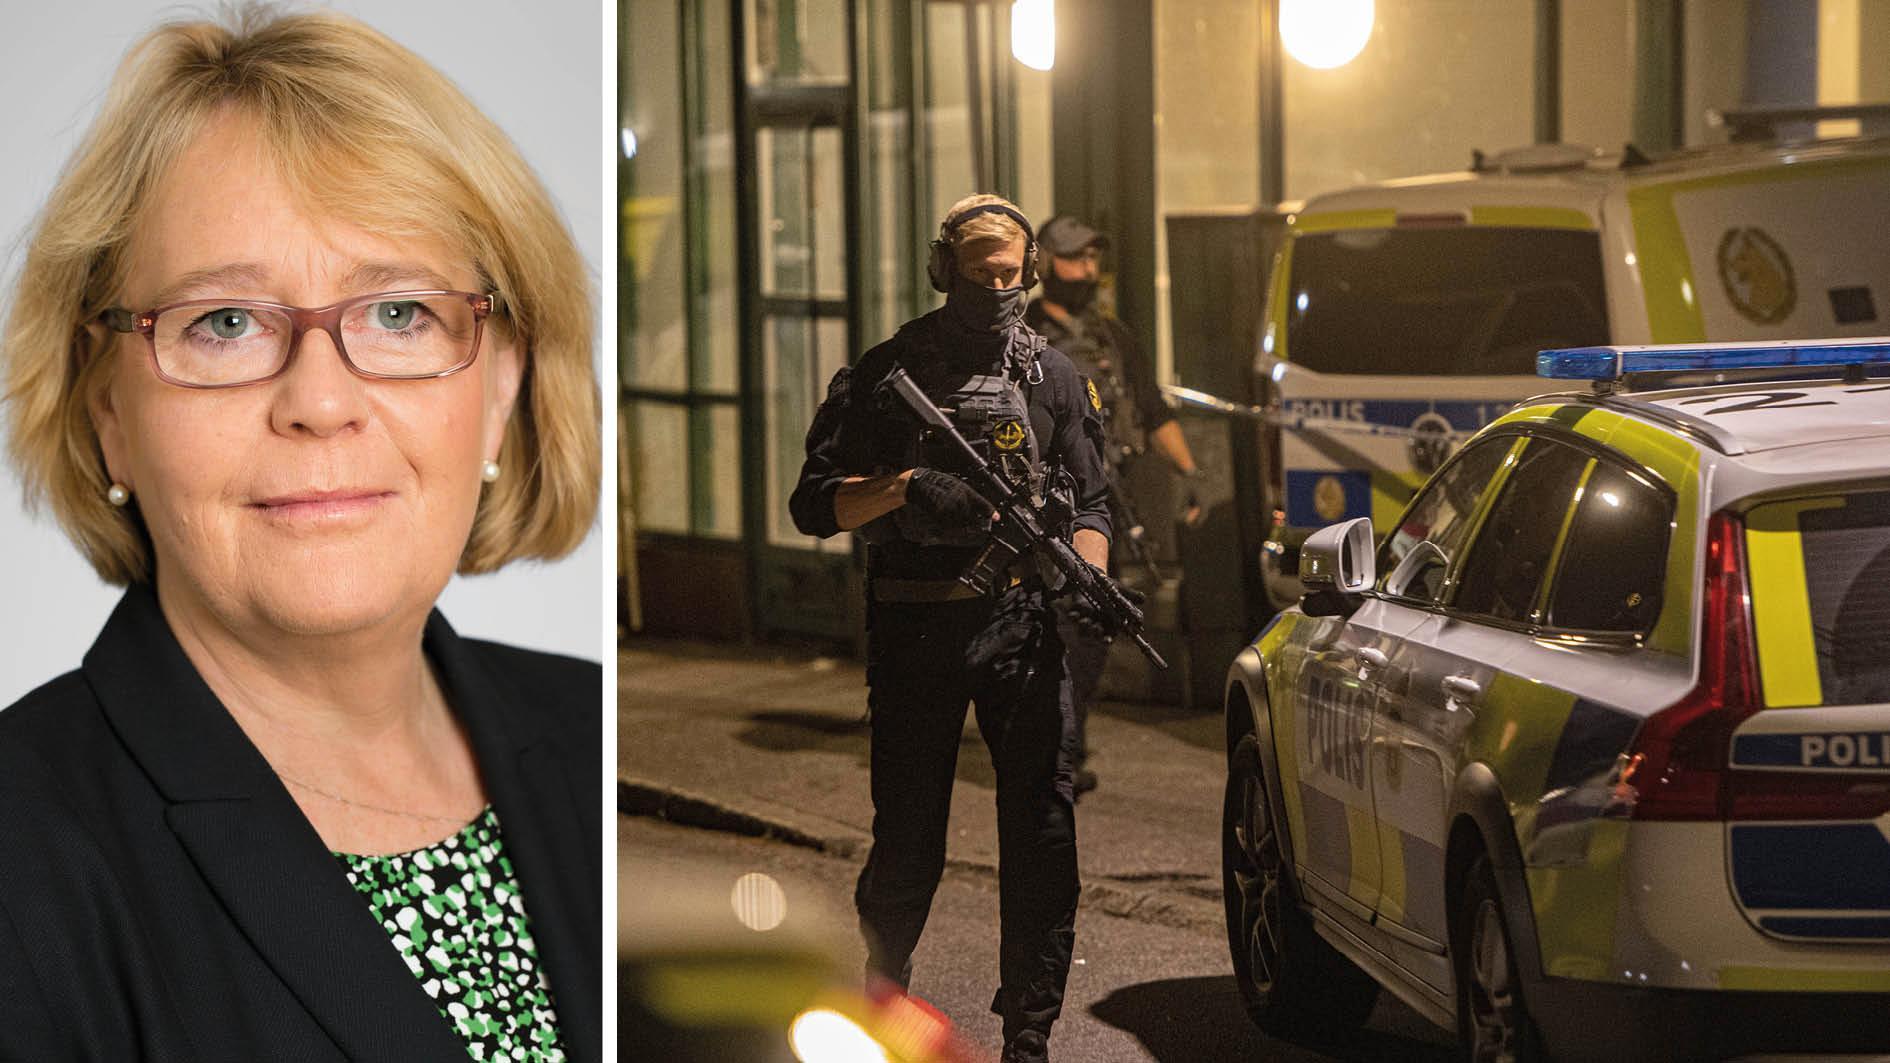 16 människor har bragts om livet och oskyldiga barn har skadats av förlupna kulor. Sveriges huvudstadsregion går inte längre att känna igen. Därför bjuder jag in regeringen till ett krismöte om gängvåldet och har med mig tre krav, skriver Irene Svenonius.